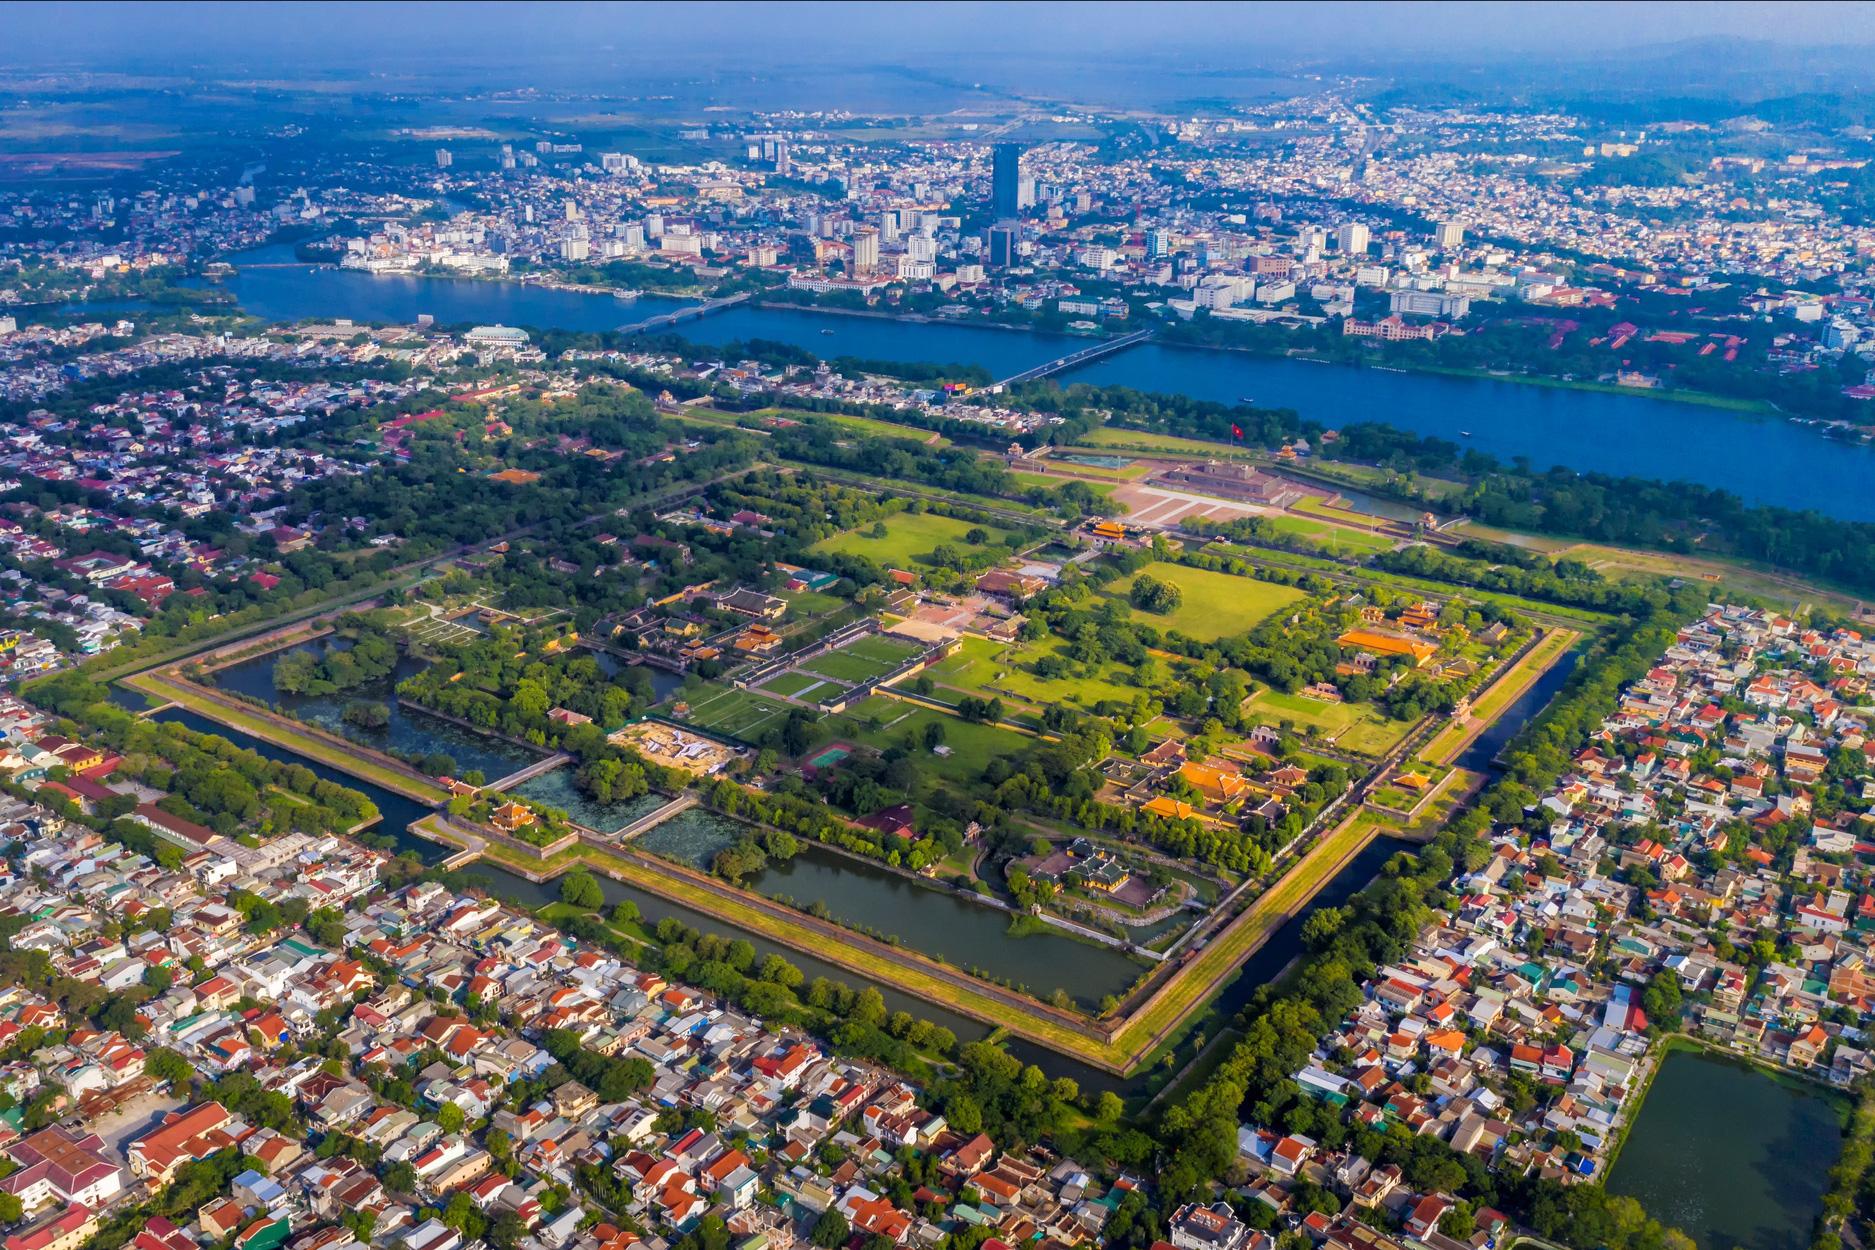 Chính phủ hỗ trợ Thừa Thiên - Huế xây dựng cơ chế đặc thù lên thành phố trực thuộc Trung ương